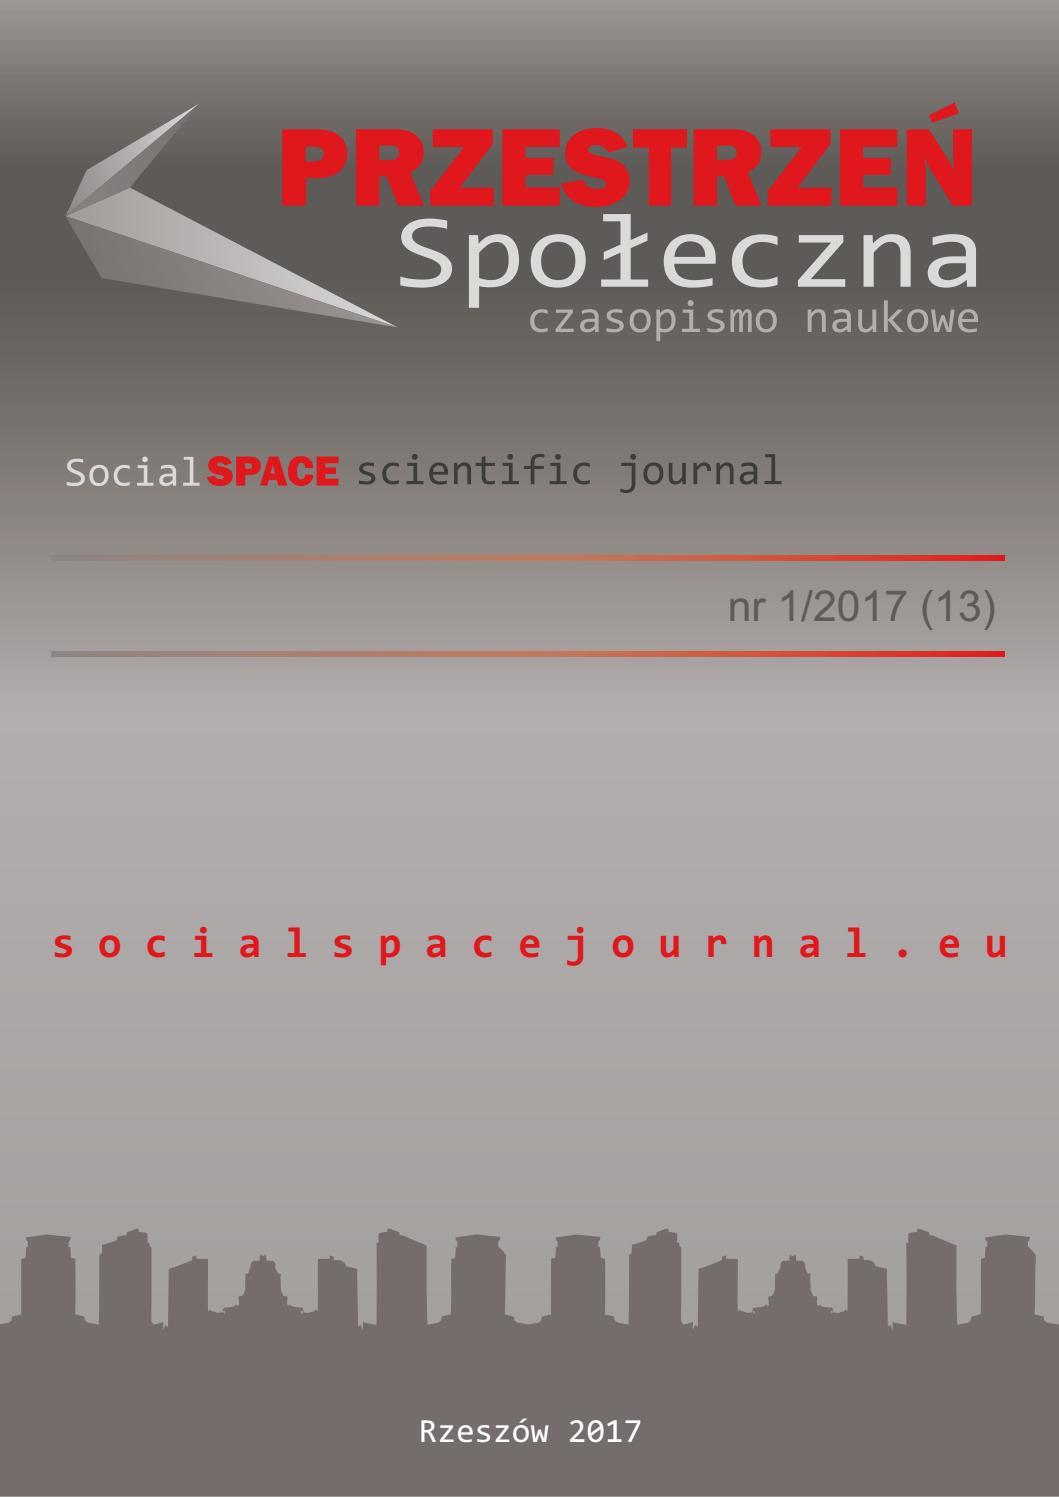 Przestrzeń Społeczna (Social Space) no 1/2017 (13) by